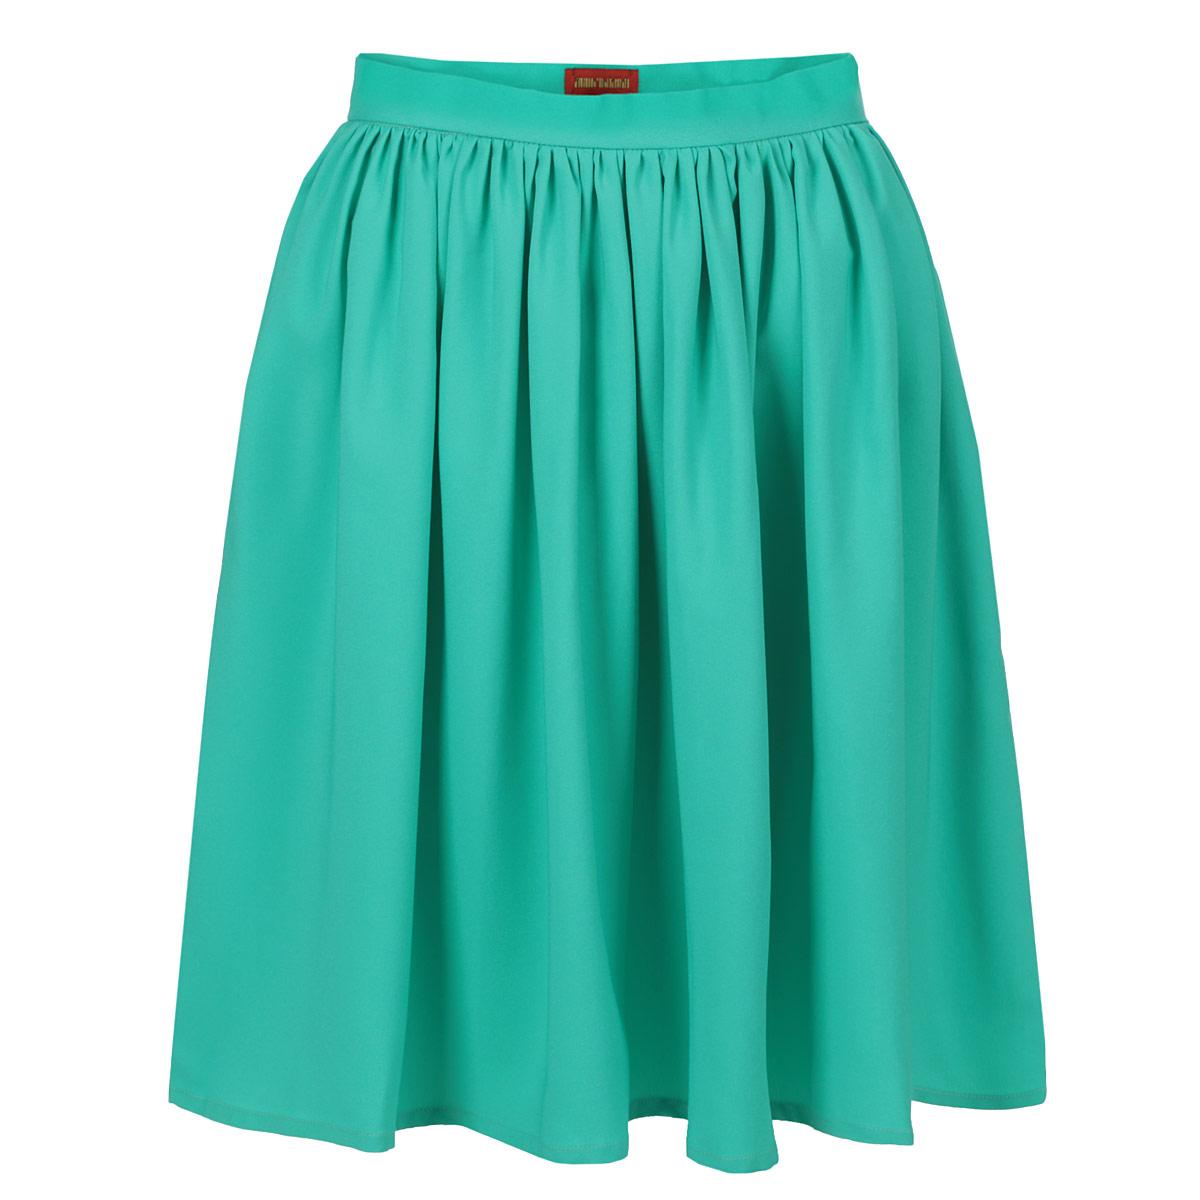 U01S-IМодная струящаяся юбка от Анны Чапман, изготовленная из высококачественного материала, очень мягкая на ощупь, не раздражает даже самую нежную и чувствительную кожу и хорошо вентилируется. Модель миди длины на широком поясе. Юбка застегивается сбоку на потайную молнию. Юбка станет отличным вариантом для создания женственного утонченного образа. В таком наряде вы, безусловно, привлечете восхищенные взгляды окружающих.